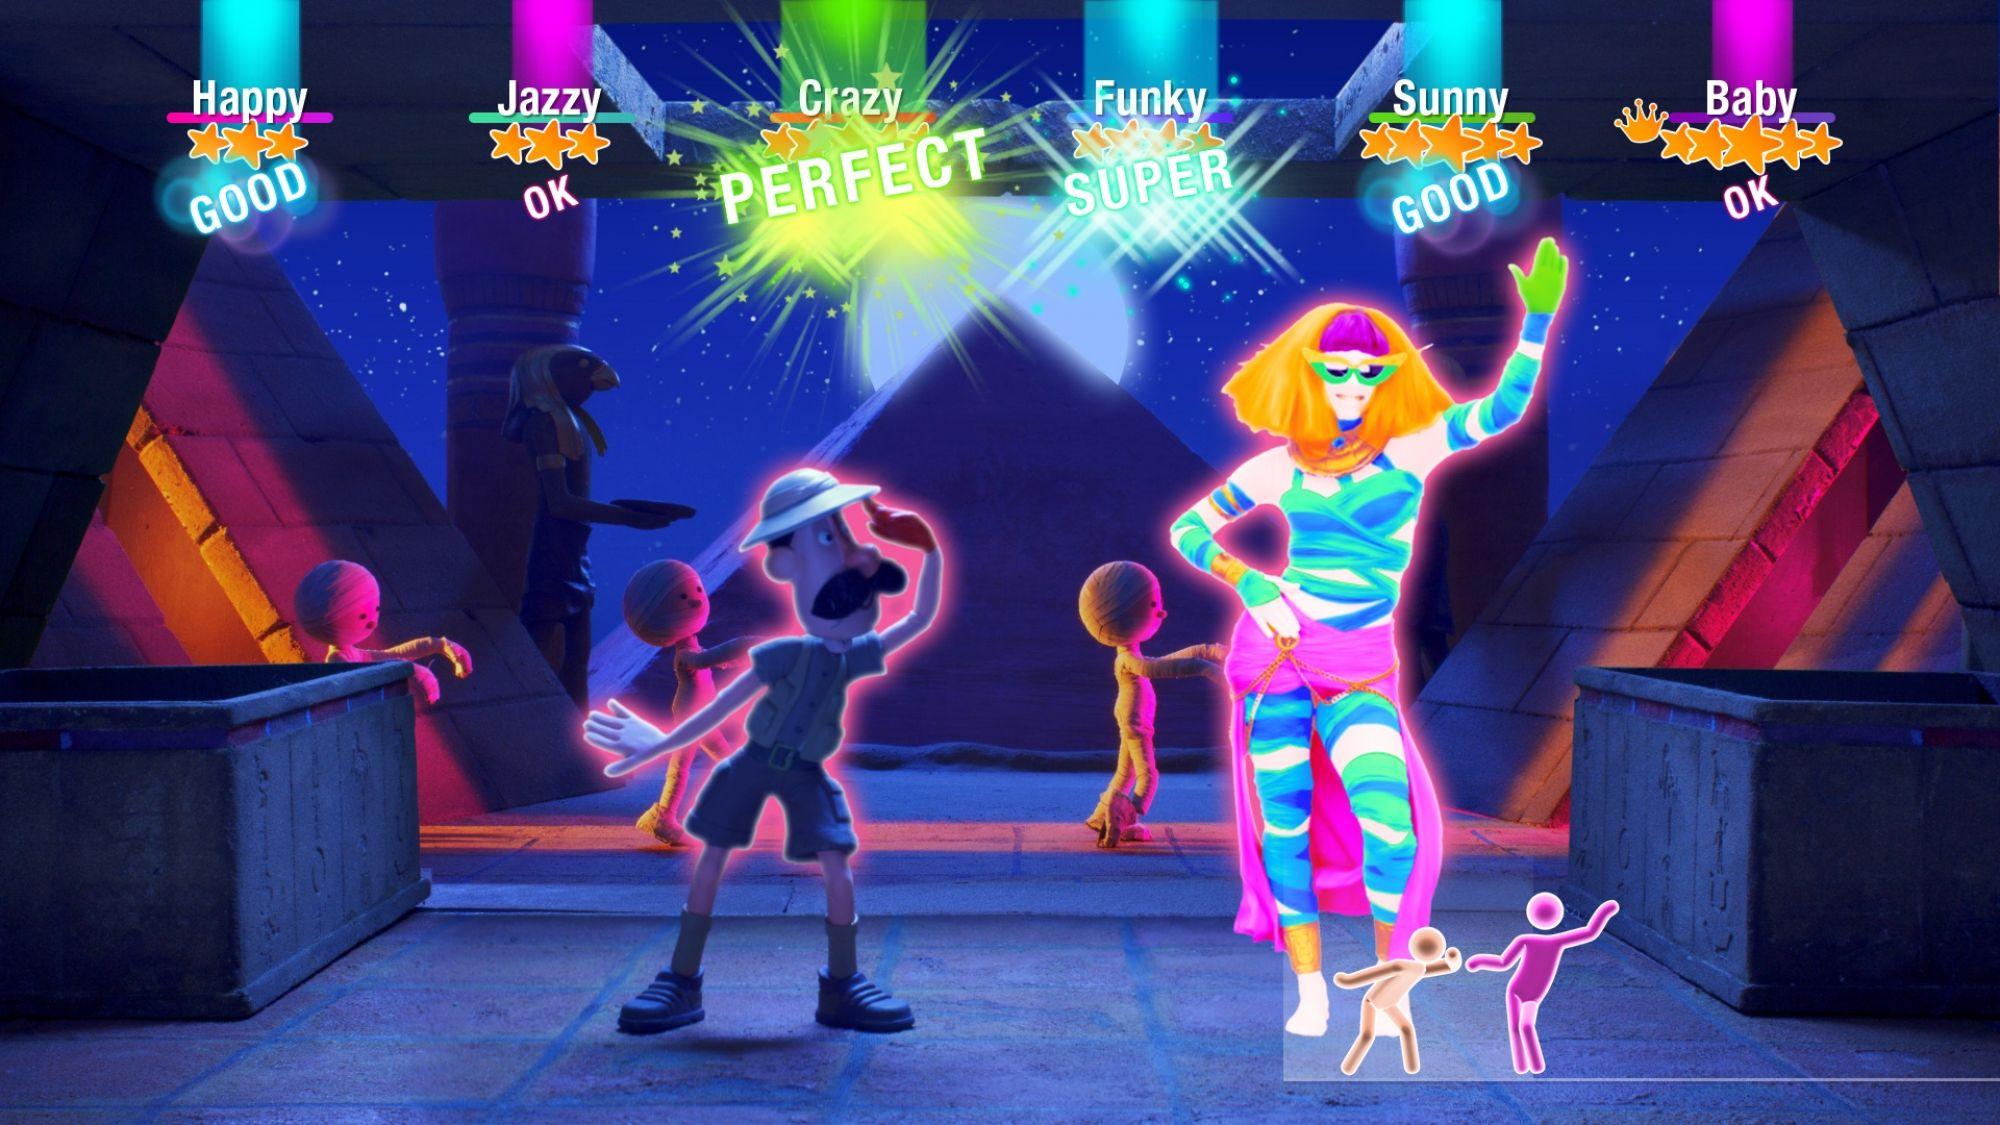 Студия Sony намерена поставить экранизацию игры Just Dance